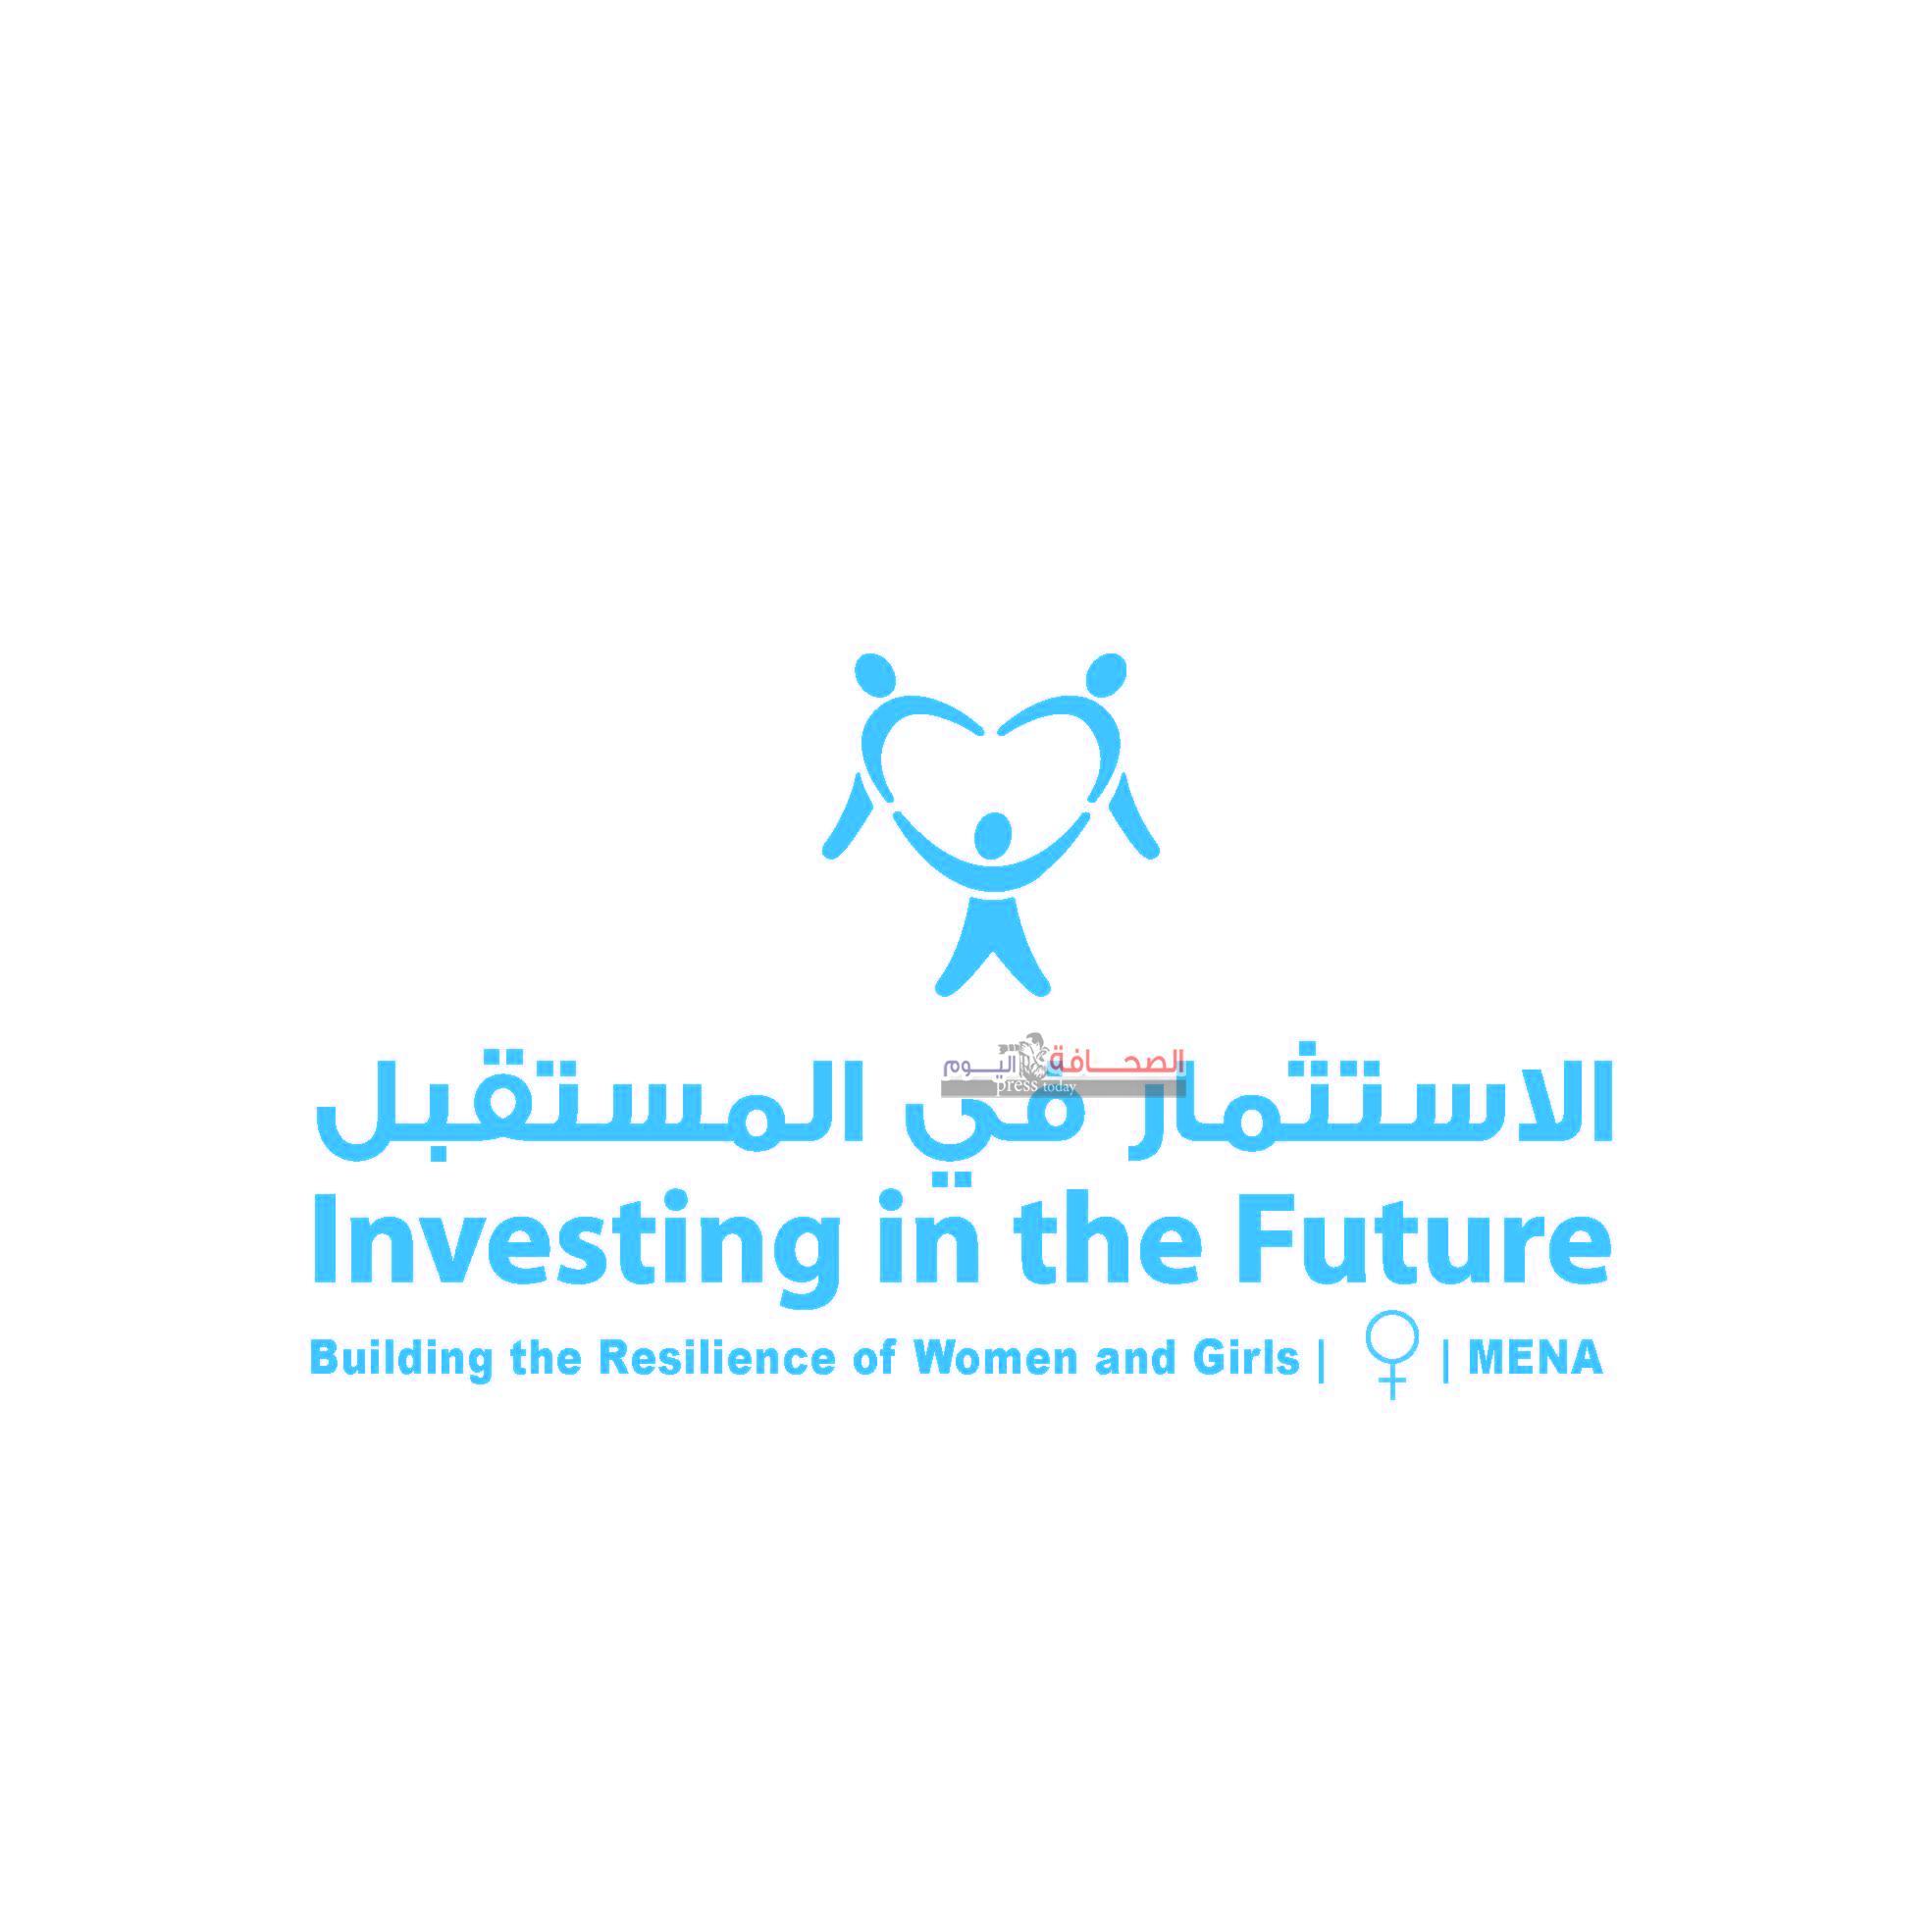 جواهر القاسمي : الإستثمار في المستقبل.. هو إستثمار فى الإنسان